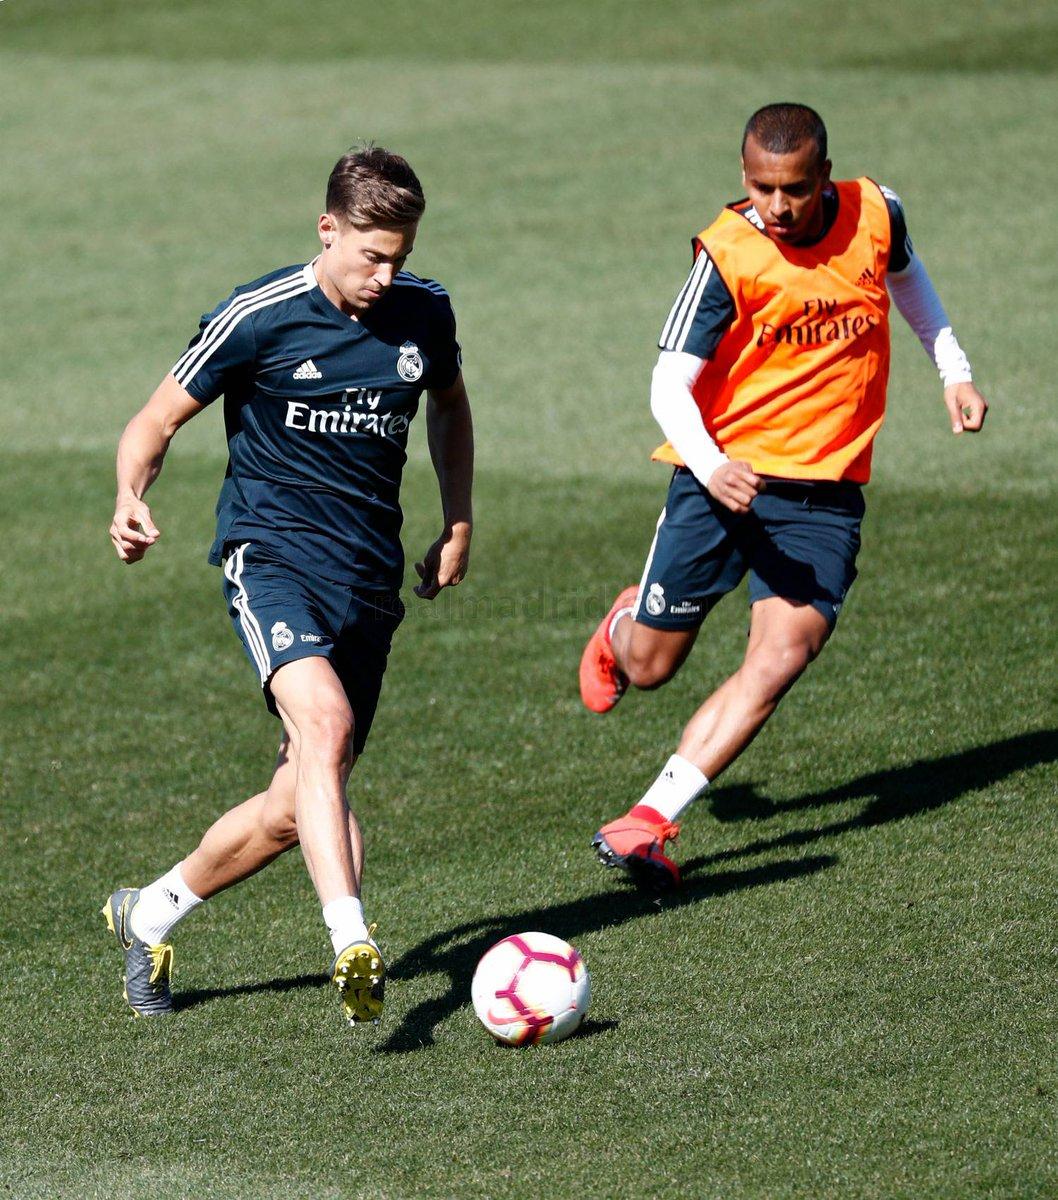 Marcos Llorente trabajó normalmente con el grupo, mientras Lucas Vázquez avanza su recuperación e inicia entrenamiento con balón. #HalaMadrid